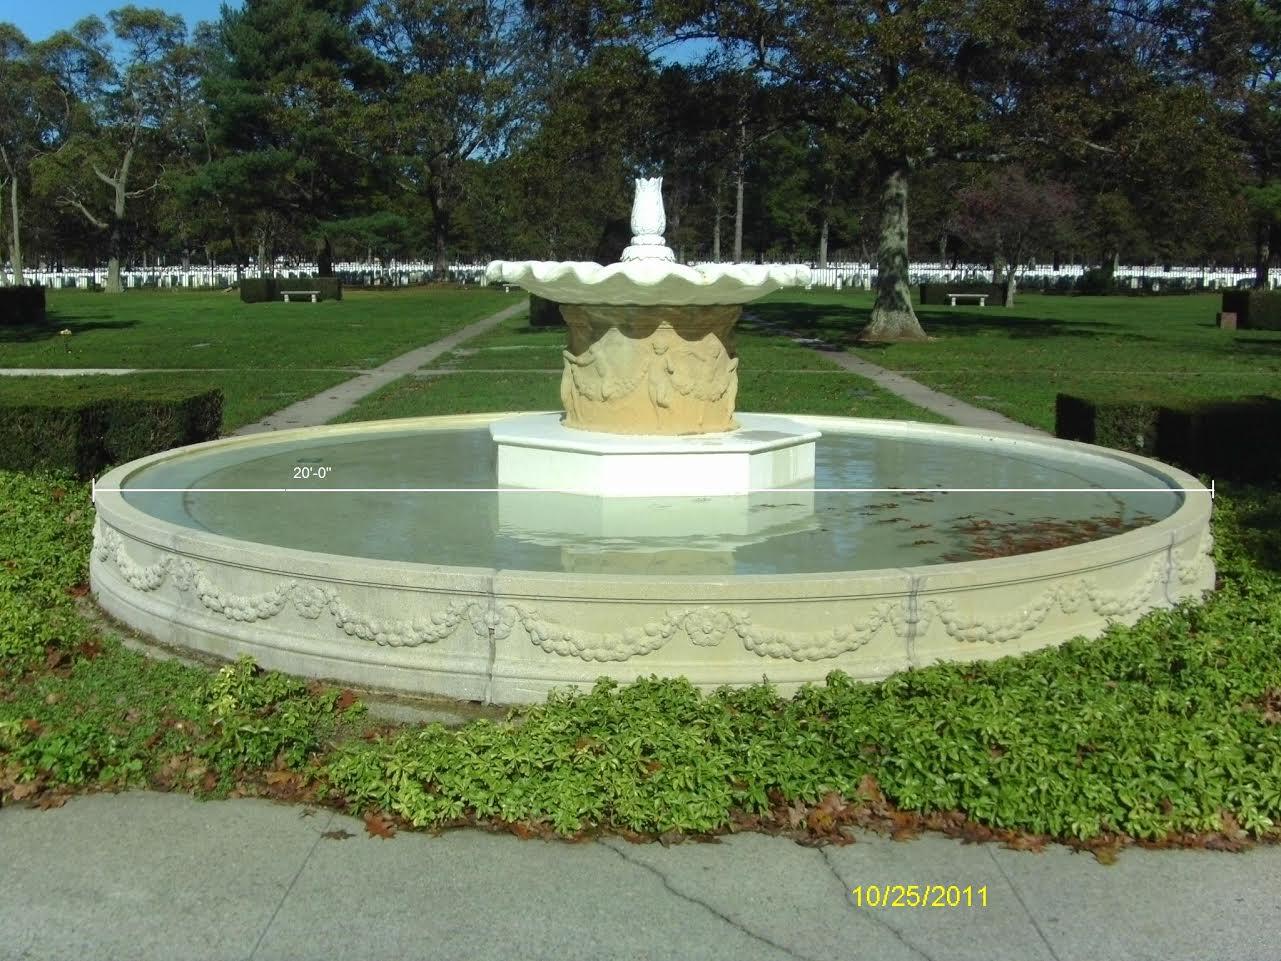 Deteriorating Concrete Fountain